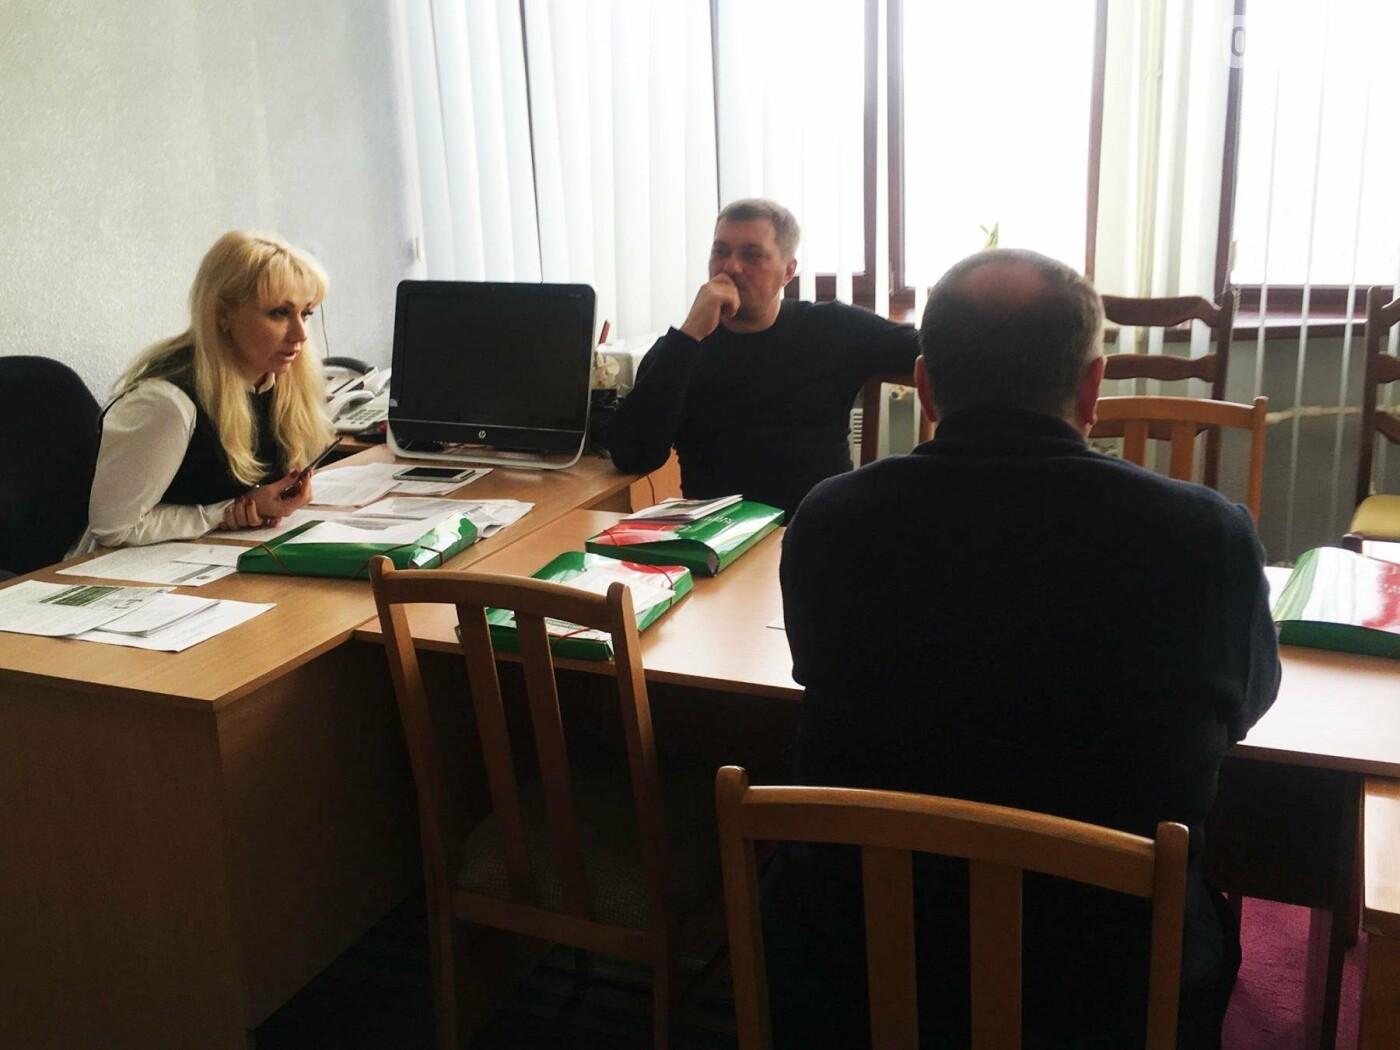 В Кривом Роге комиссия по этике и депутатской дисциплине перенесла заседание из-за отсутствия коллег (ФОТО), фото-2